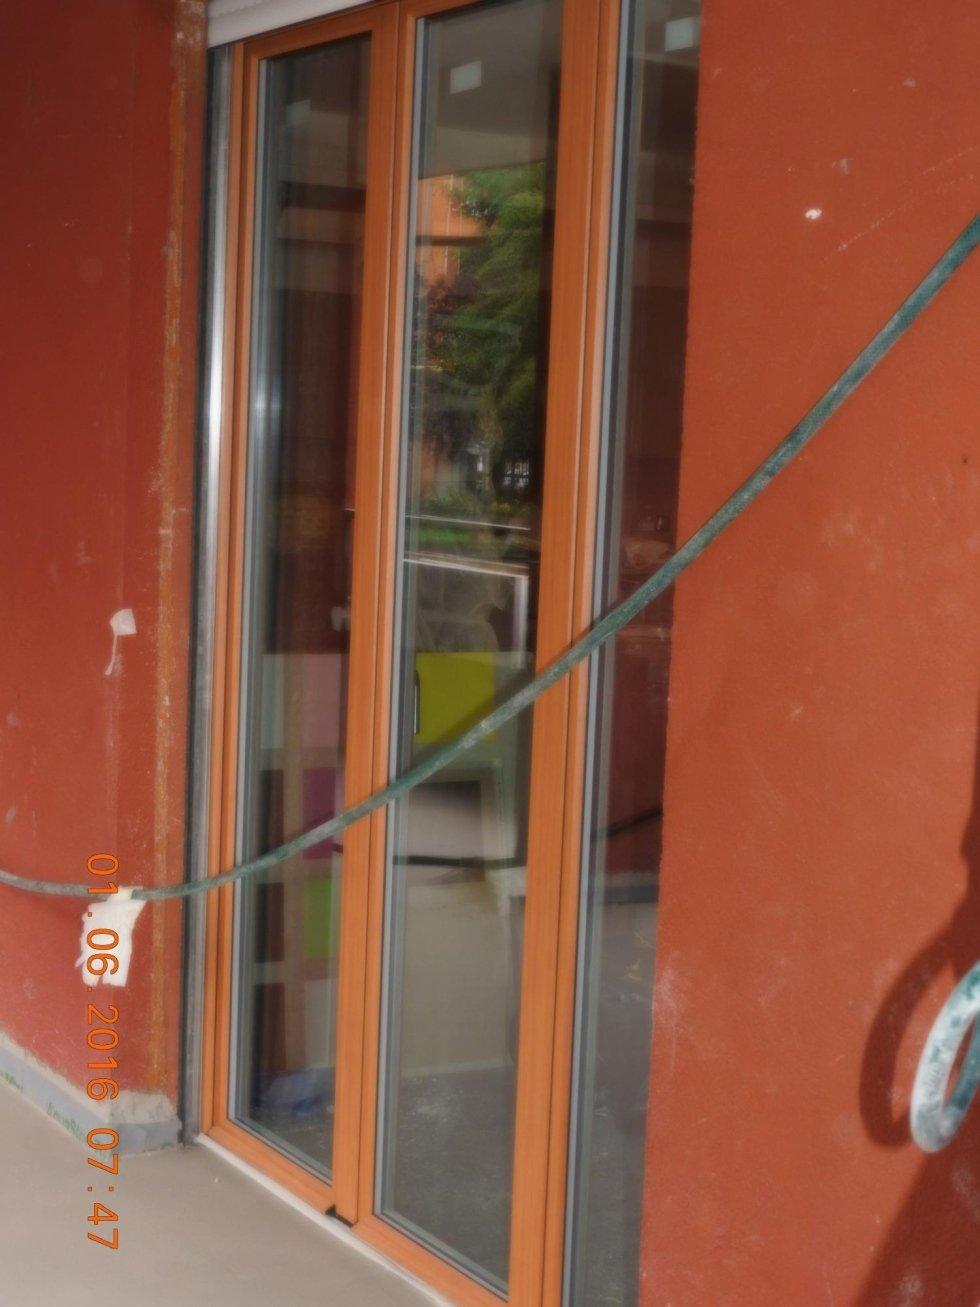 vista laterale di una finestra in legno con un filo elettrico che passa davanti al vetro